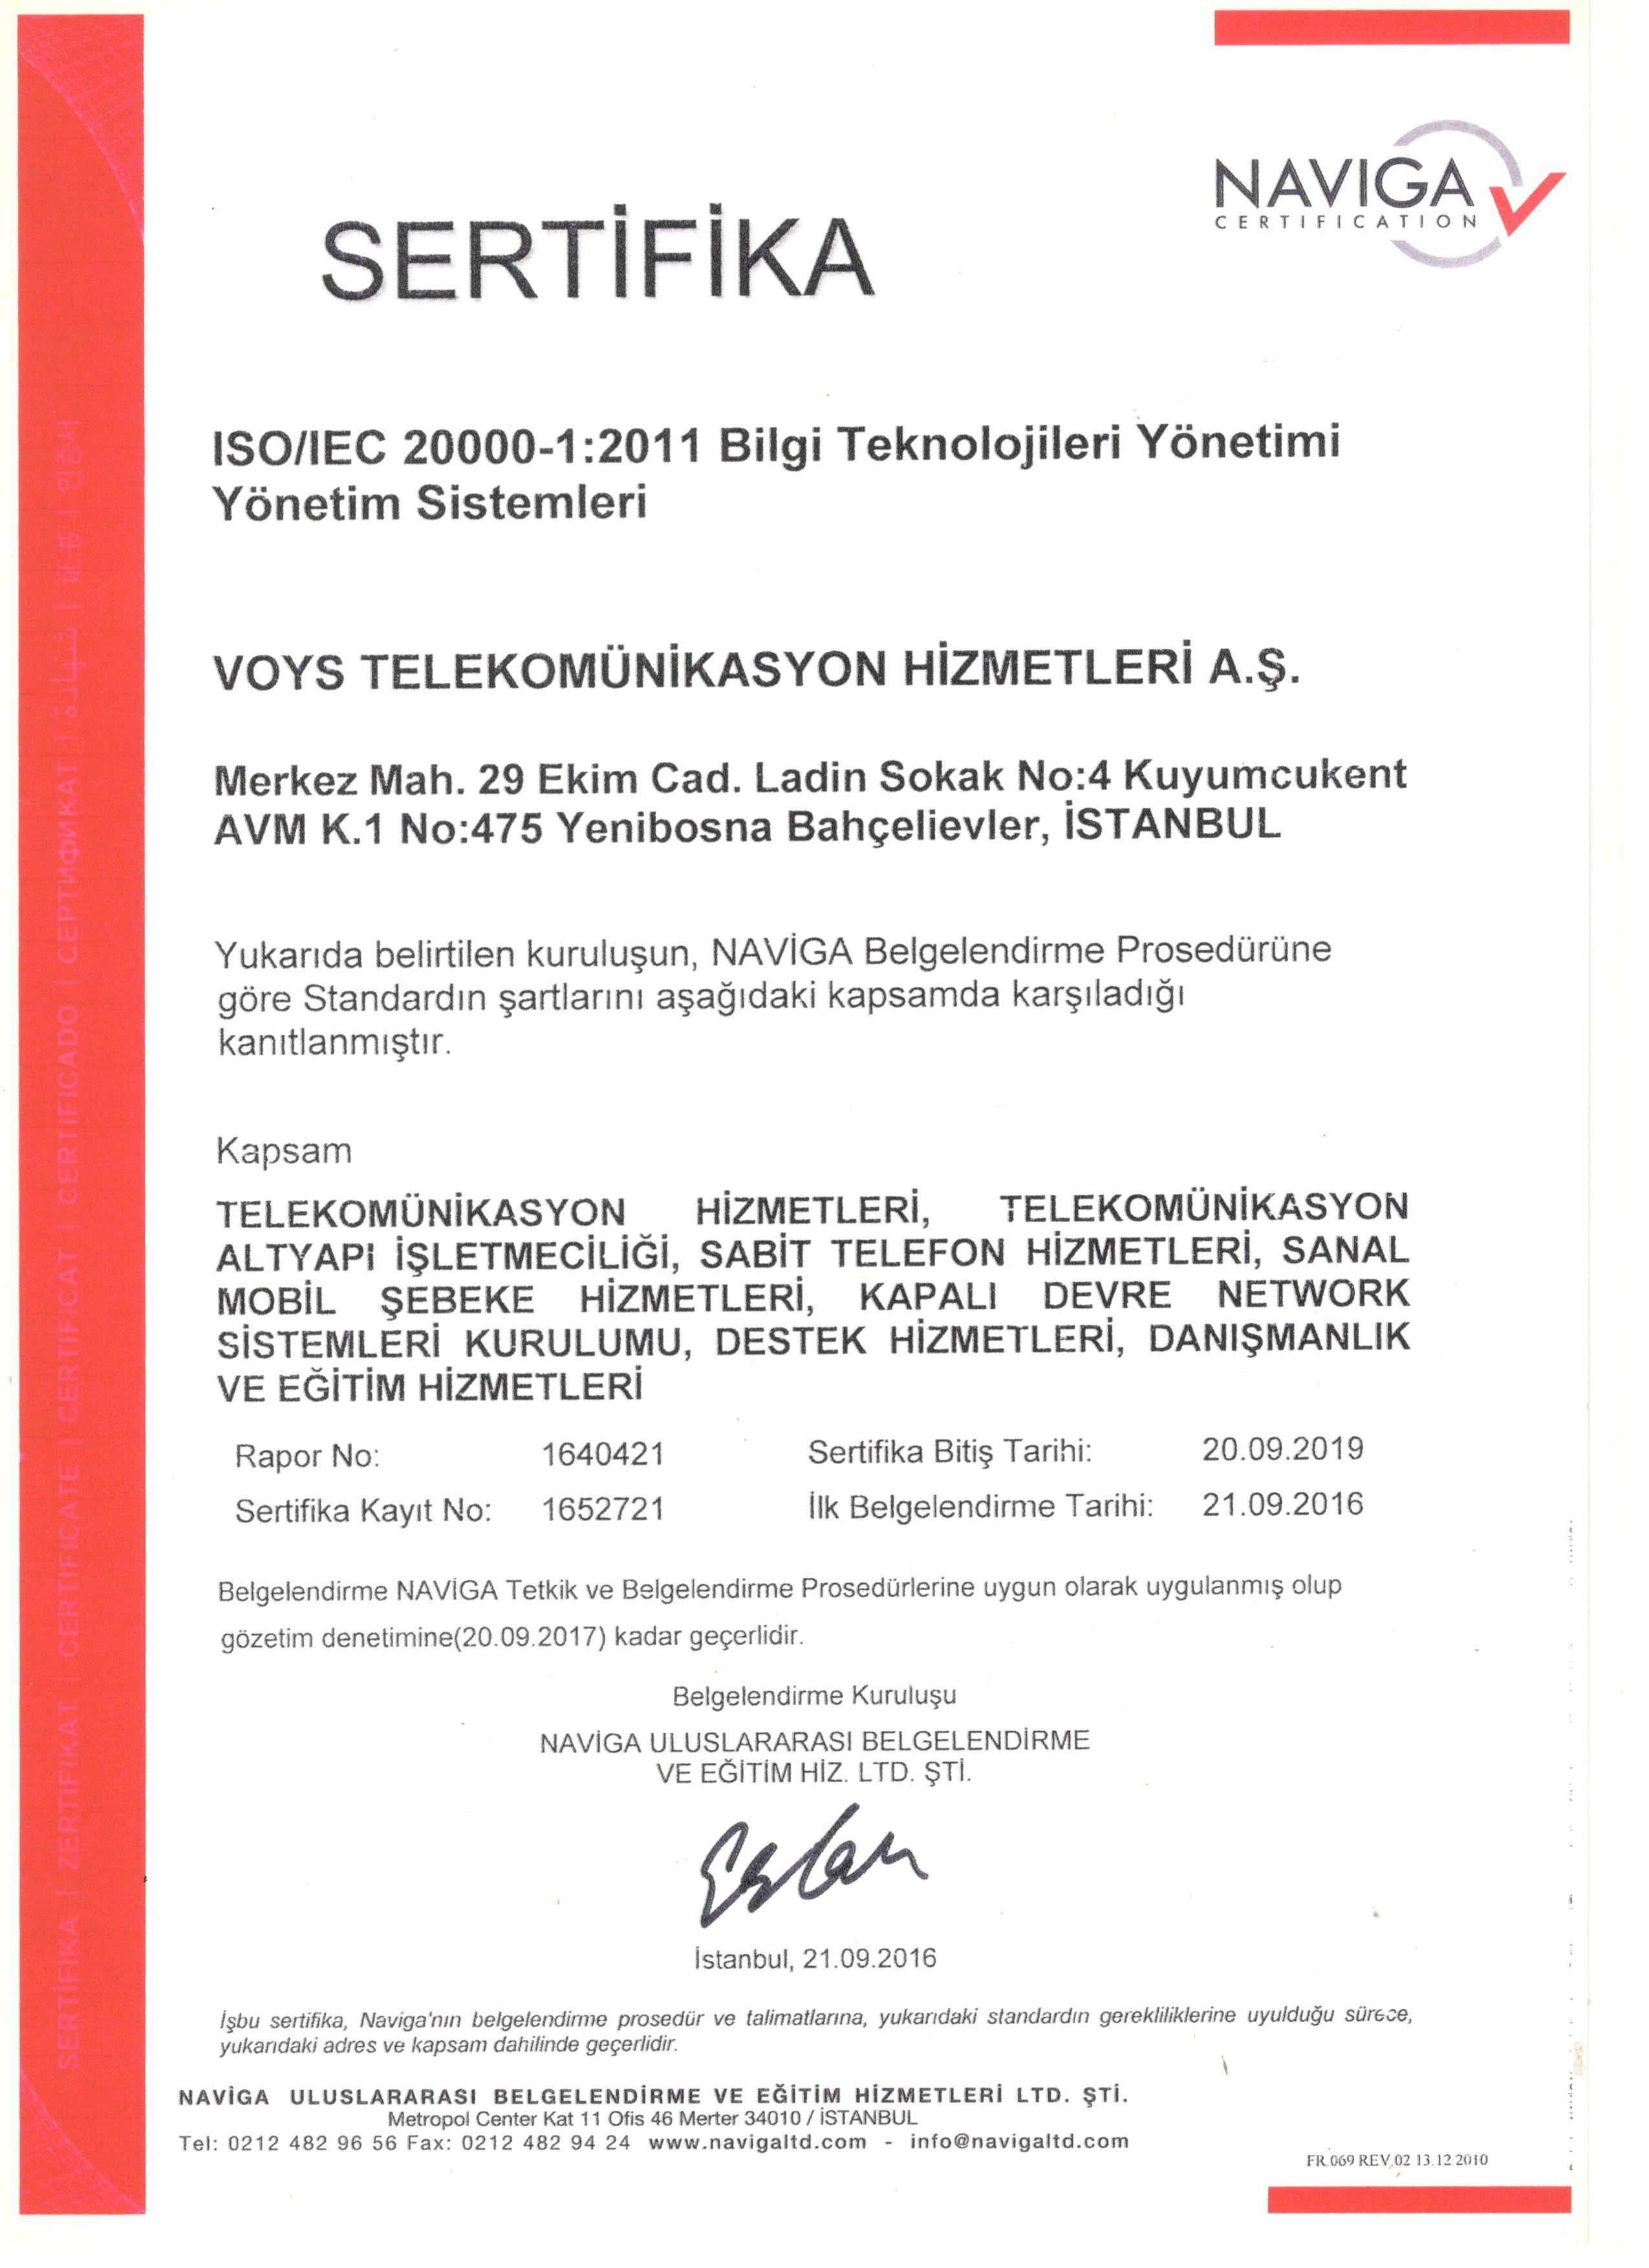 Bilgi Teknolojileri Kurumu -BTK- Yönetim Sistemleri Sertifikası